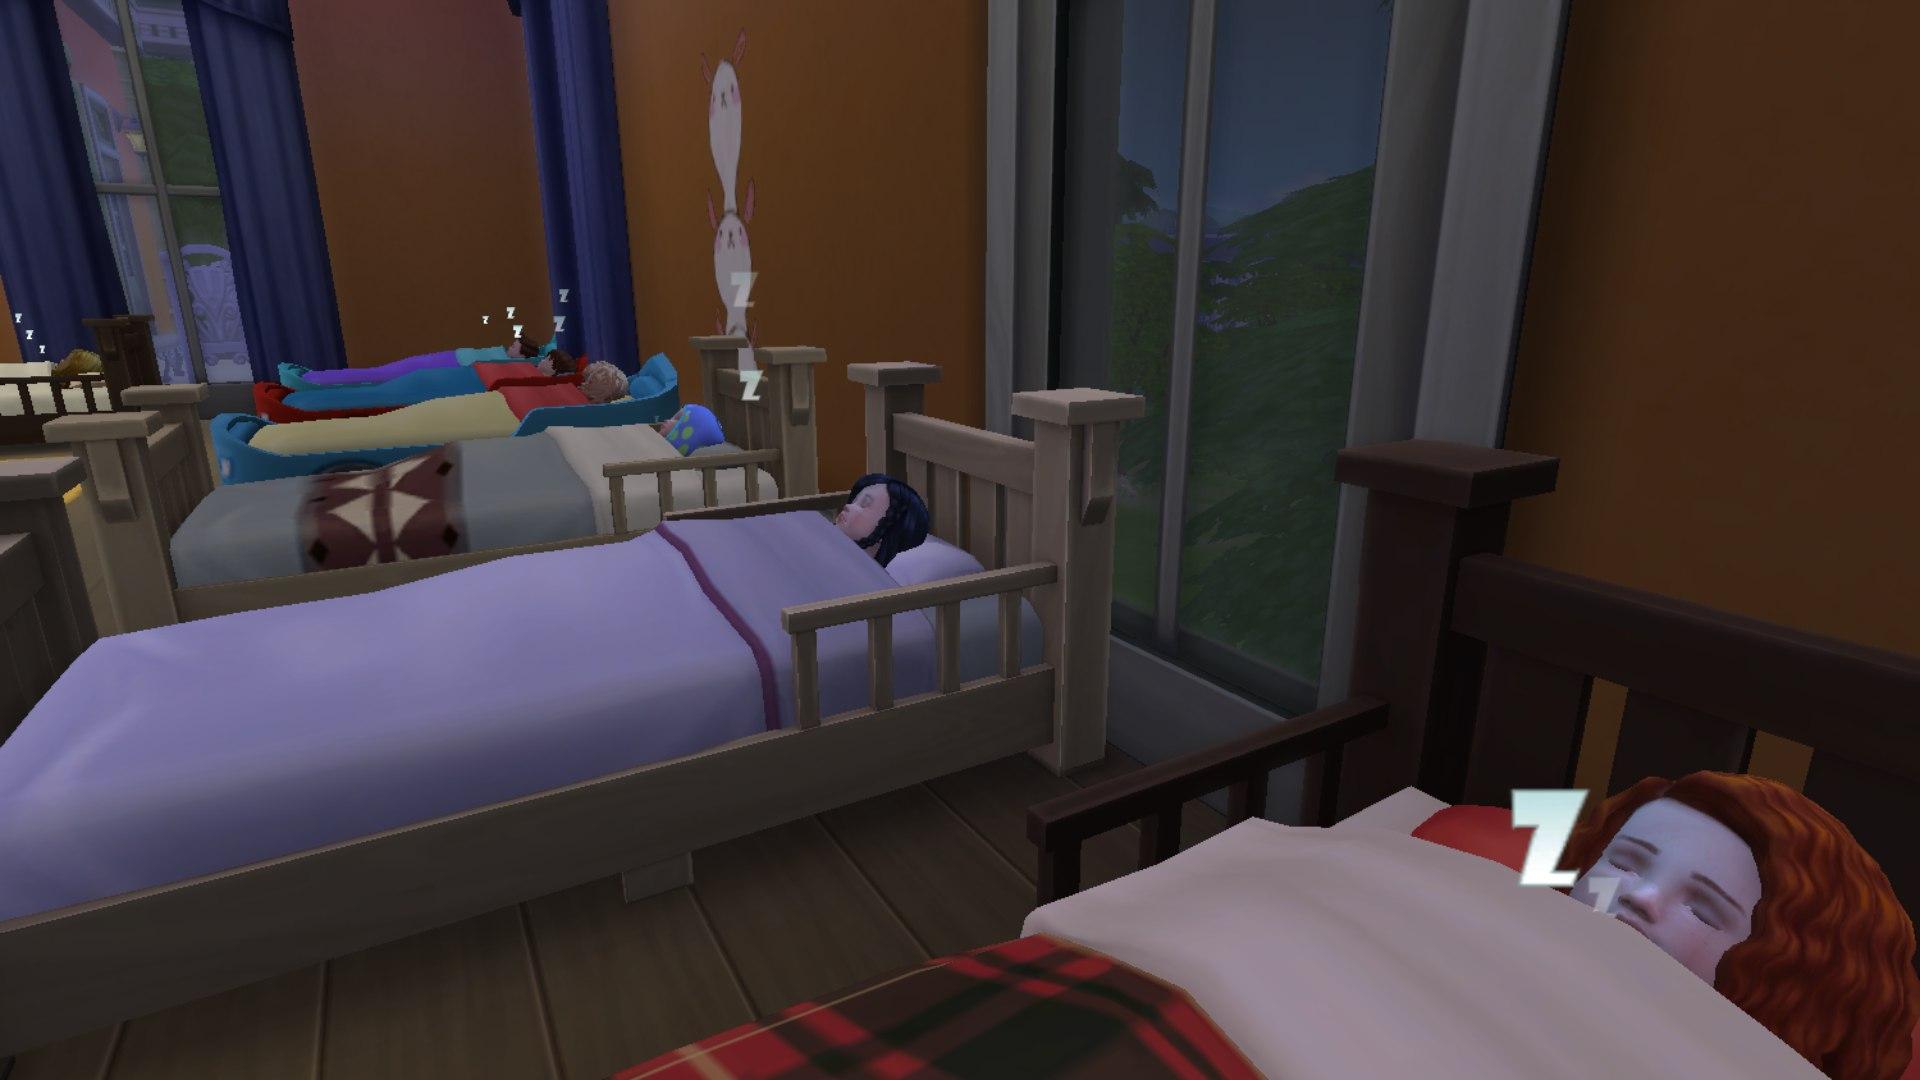 Слежка за мамой в спальне с любовником